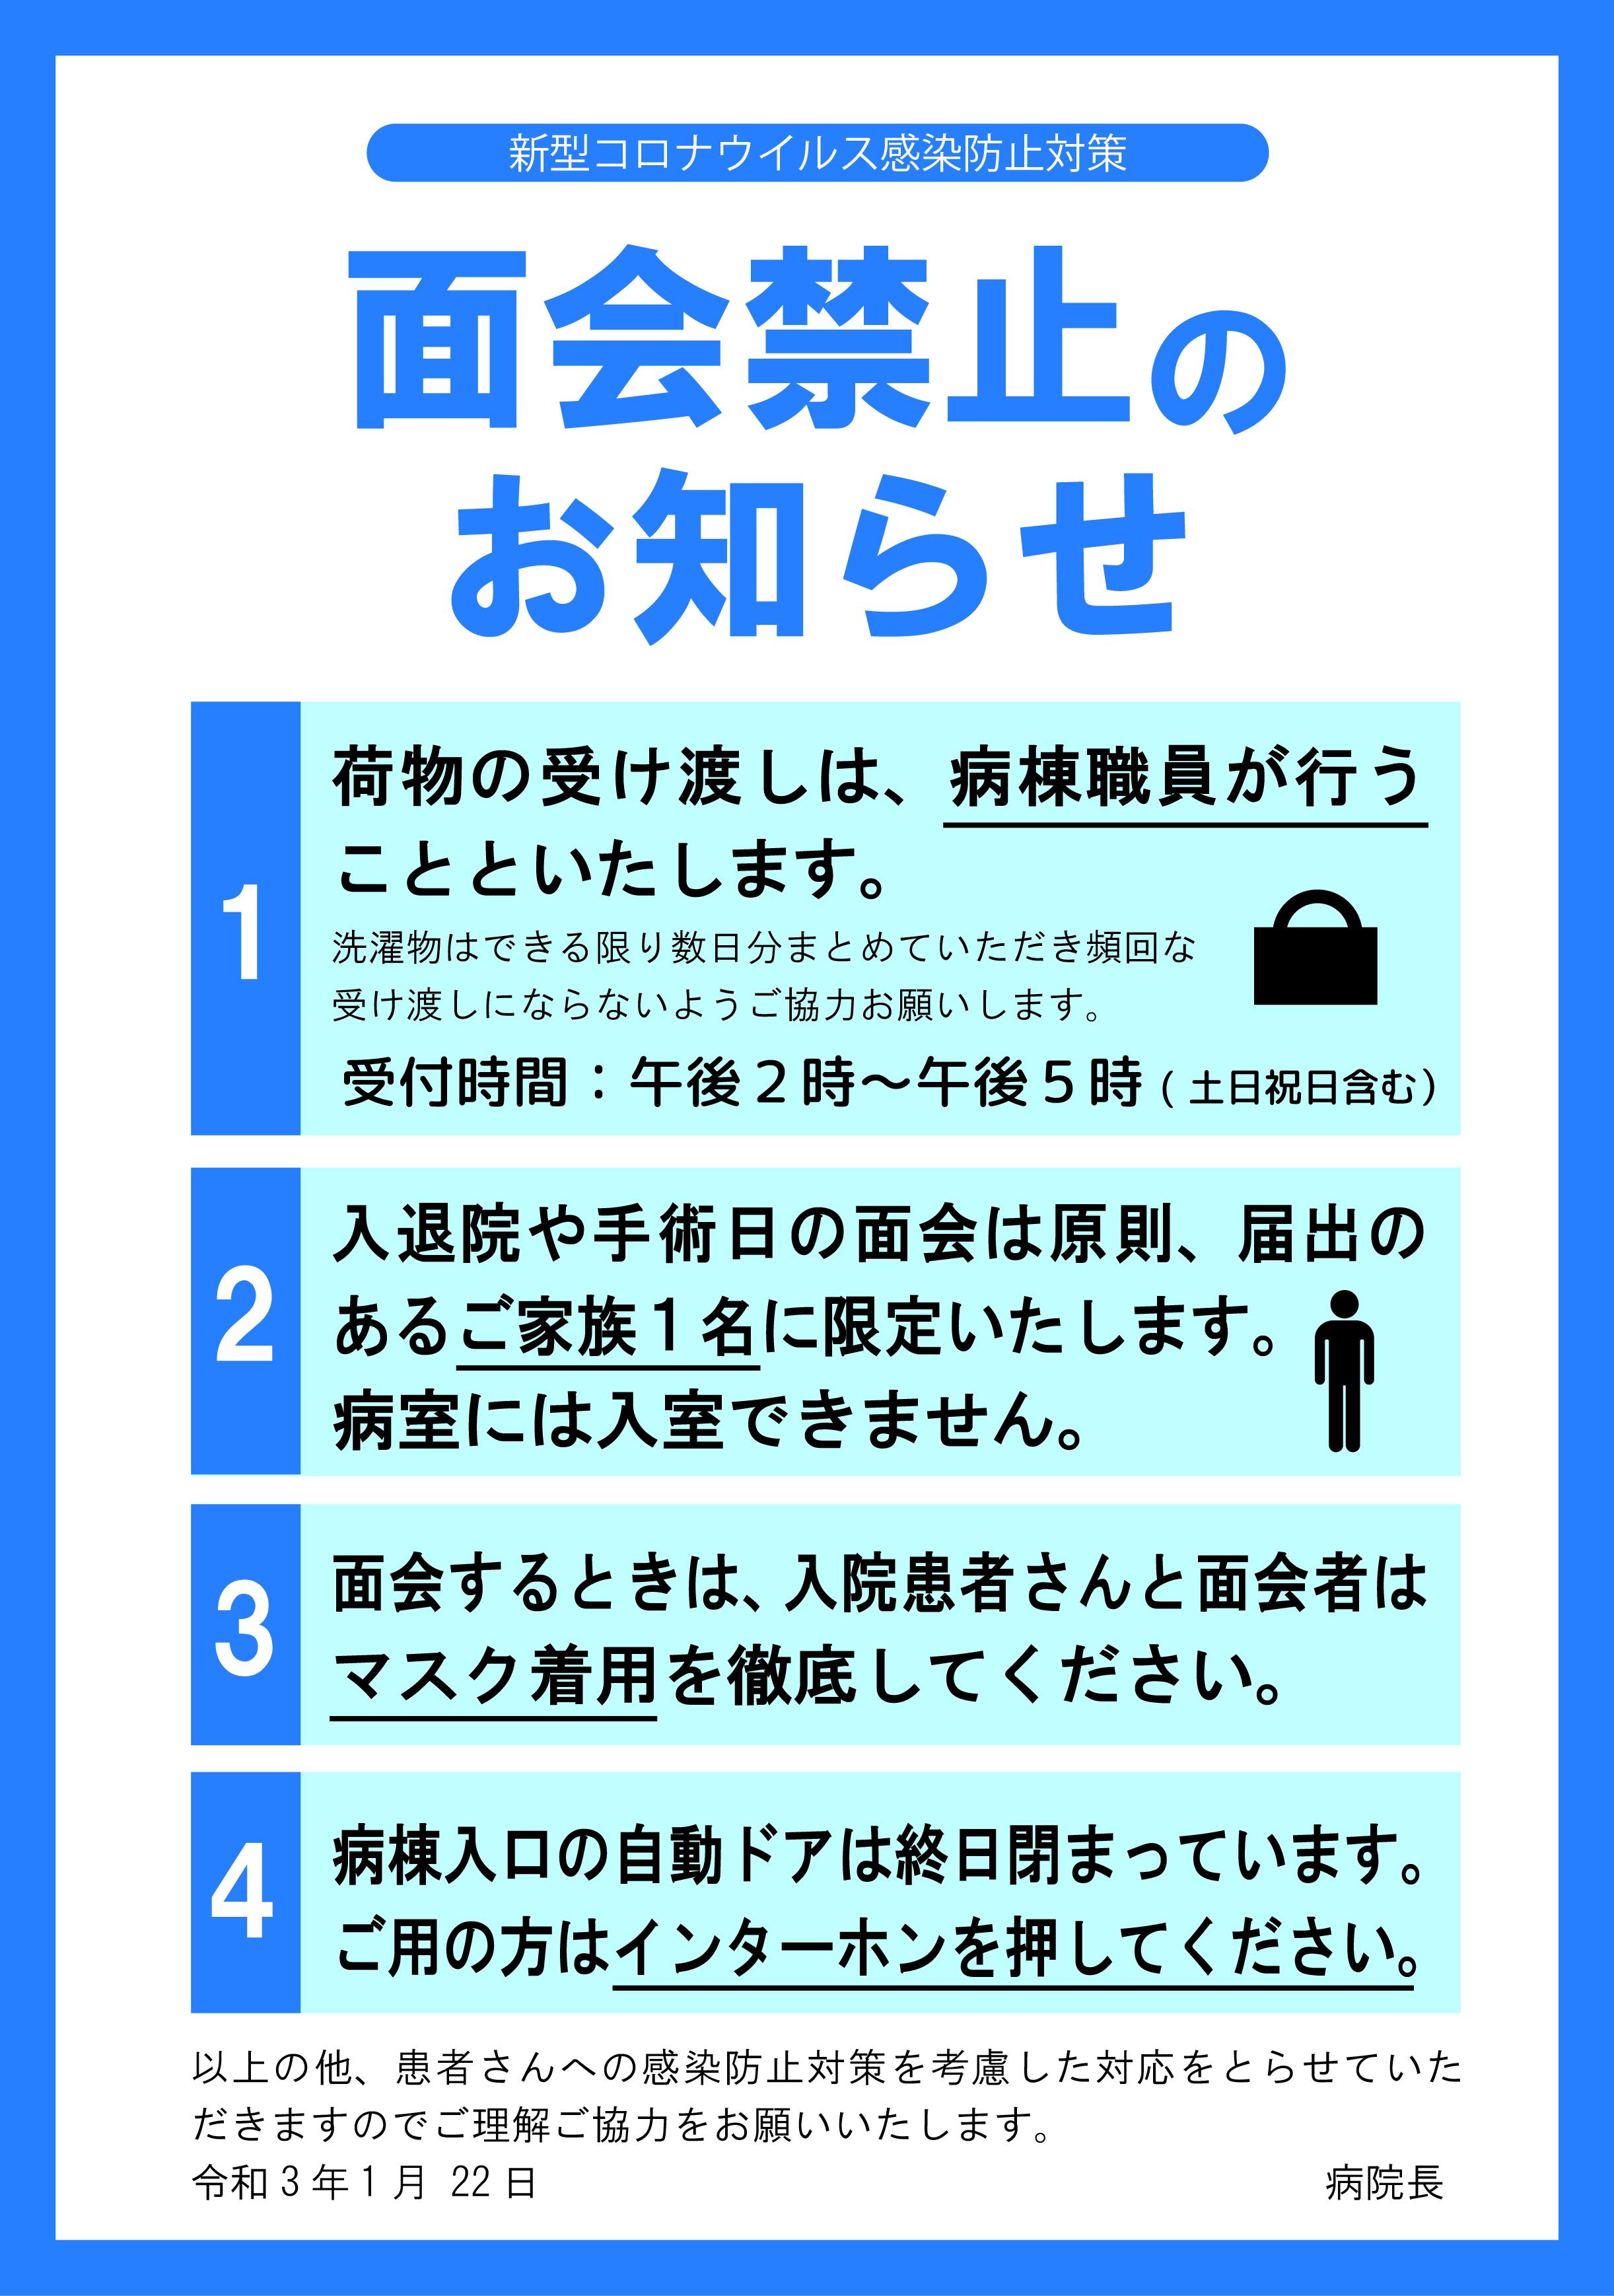 県 コロナ 者 今日 感染 奈良 奈良県で初の死者 感染確認は53人